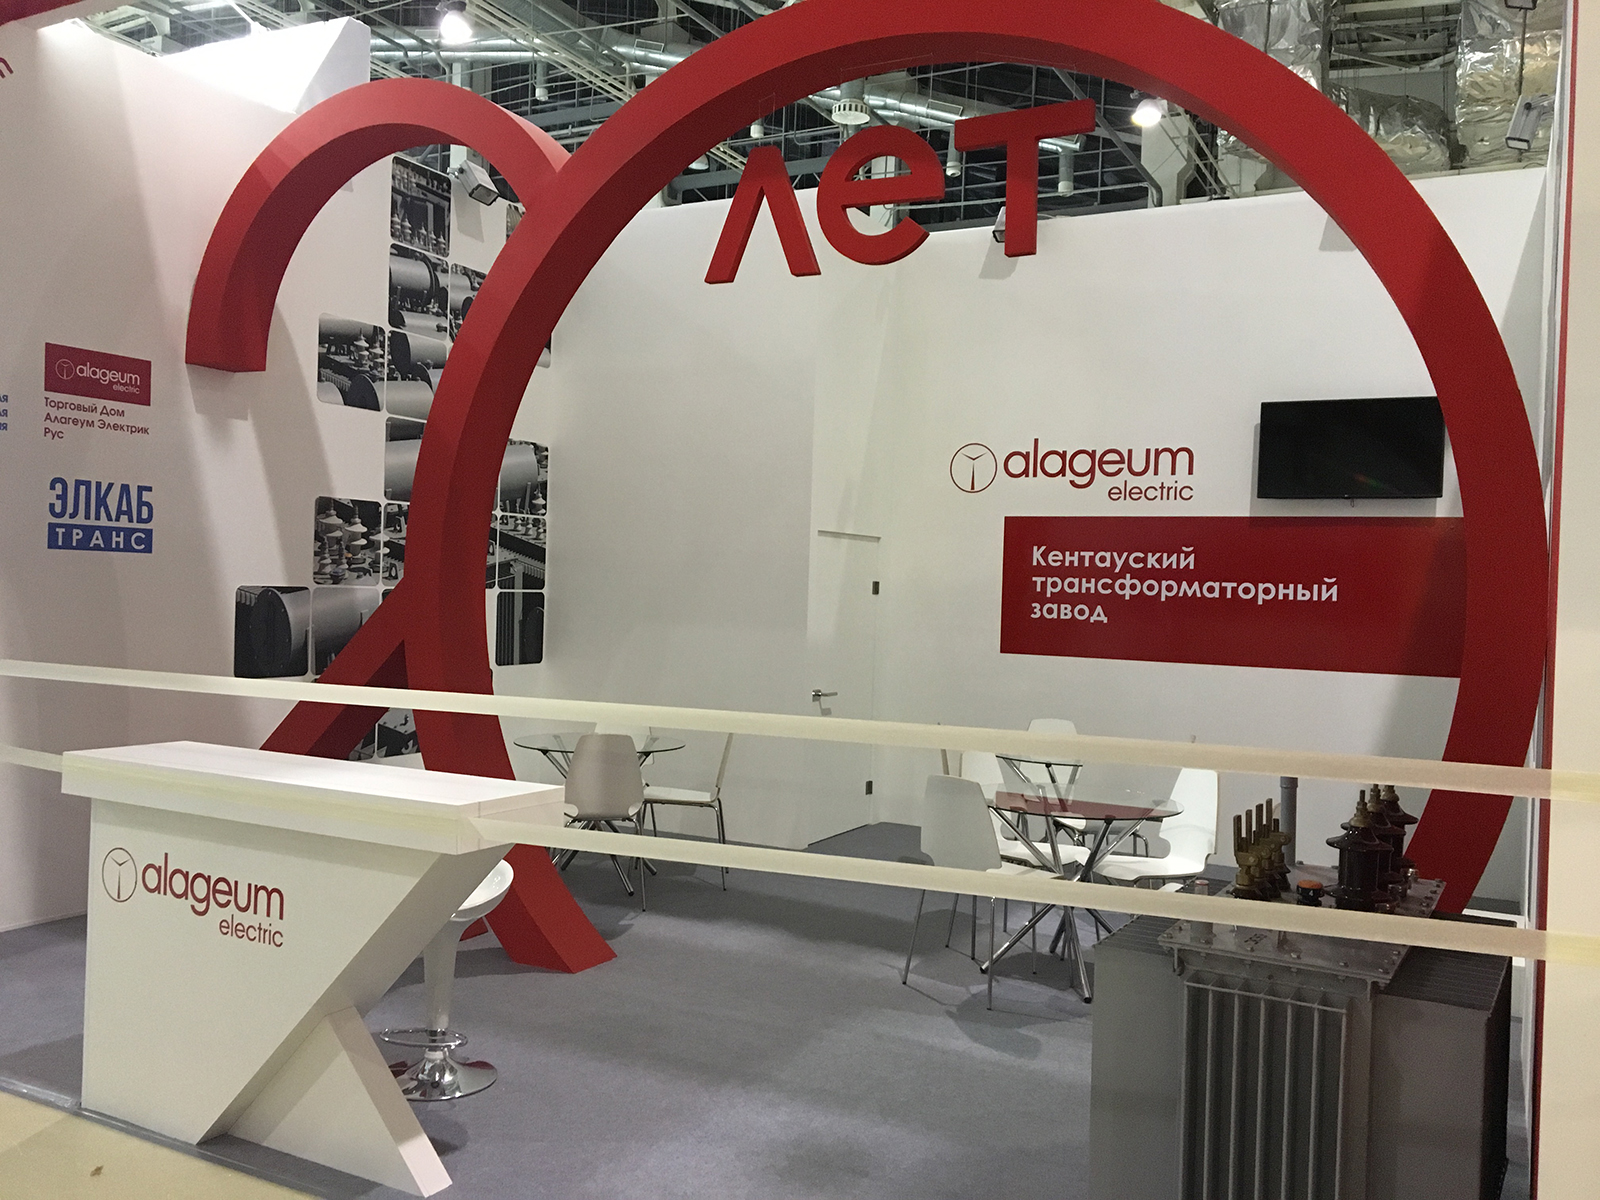 Alageum-2017-3